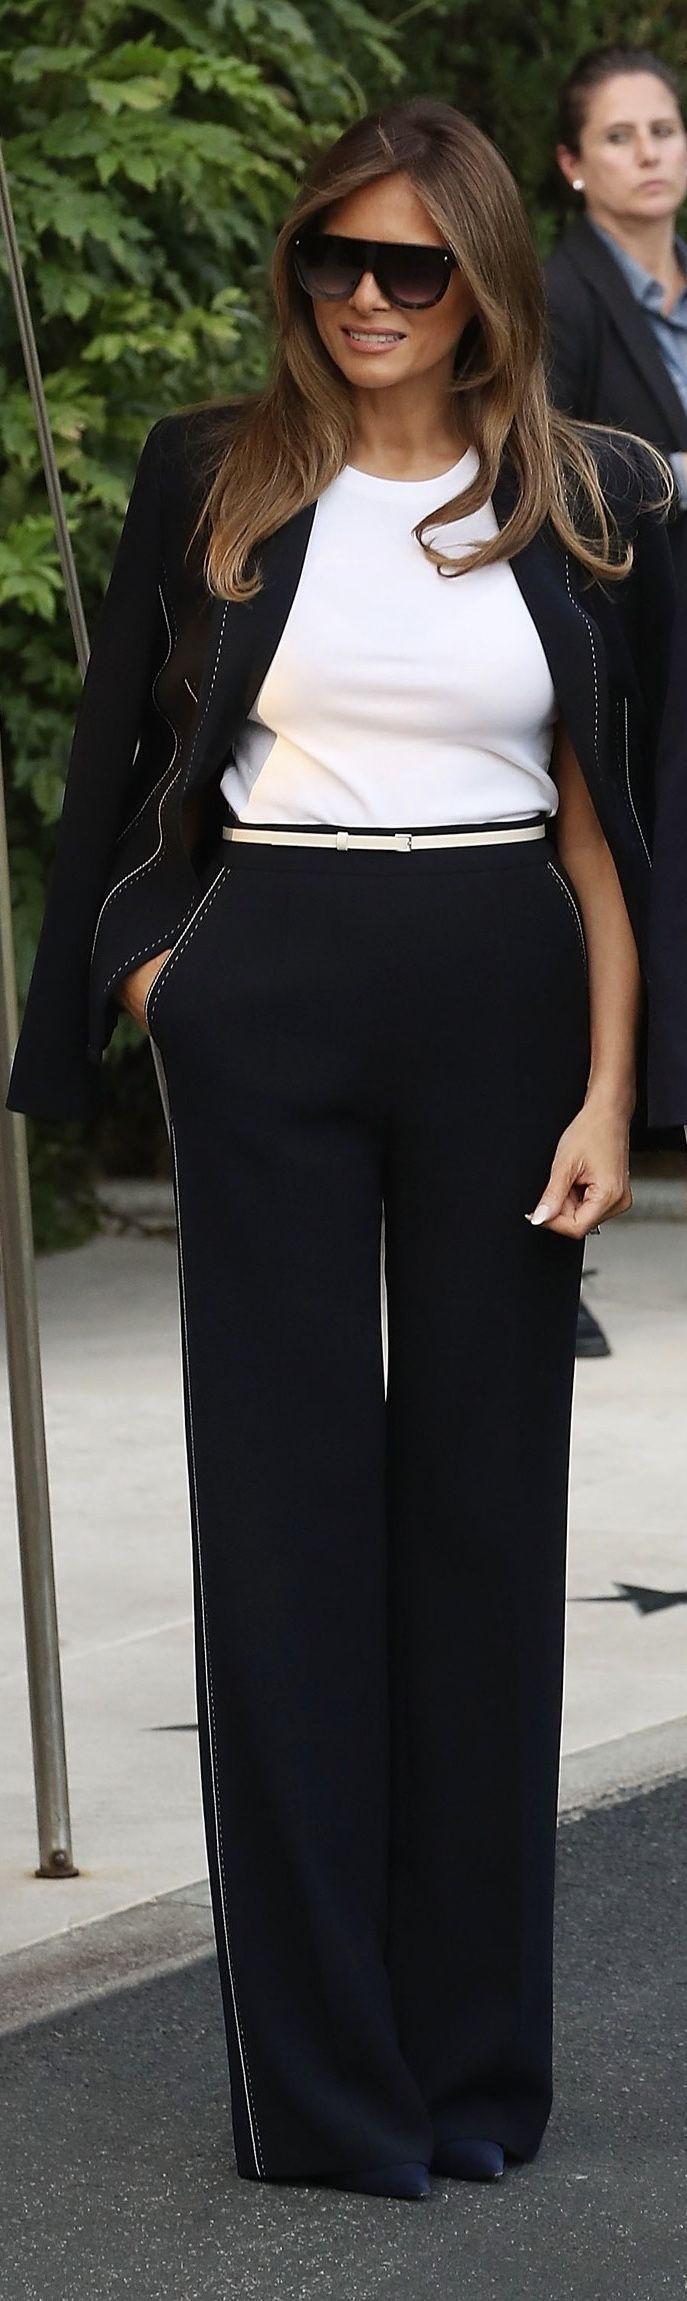 First Lady Melania Trump in Escada